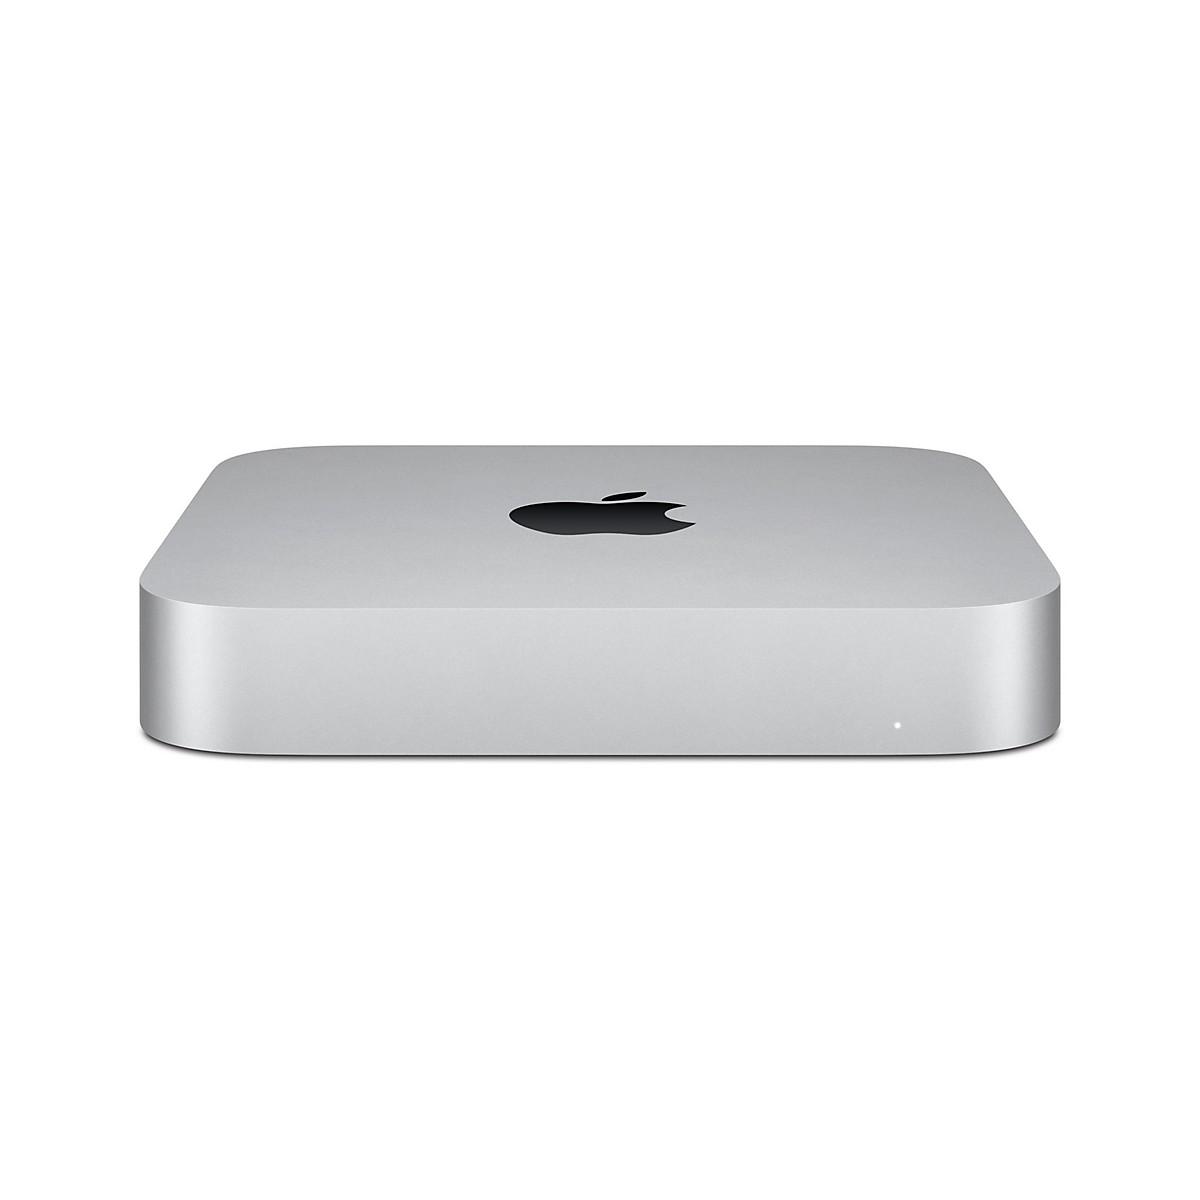 Apple Mac Mini 3.2GHz M1 8 Core 8GB 512GB SSD